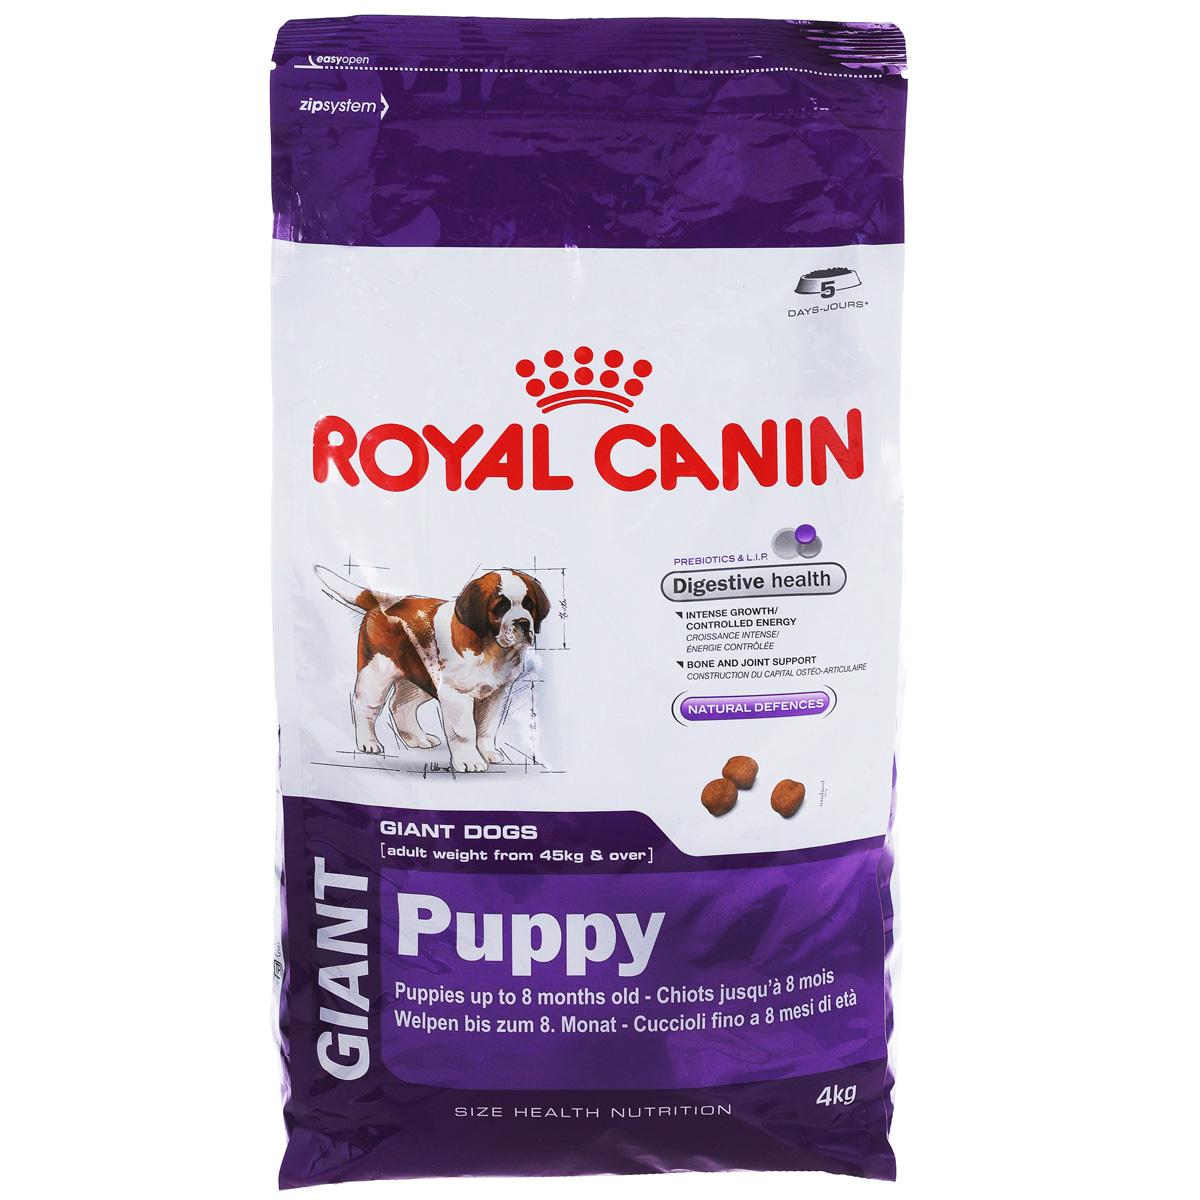 Корм сухой Royal Canin Giant Puppy, для щенков собак очень крупных размеров от 2 до 8 месяцев, 4 кг195040Сухой корм Royal Canin Giant Puppy - это полнорационный сухой корм для щенков собакочень крупных размеров (вес взрослой собаки более 45 кг) в возрасте с 2 до 8месяцев.Ключевые преимущества: - Максимальная пищевая переносимость. Формула с содержанием высококачественных белков L.I.P, а также пребиотиков - фруктоолигосахаридов и маннановых олигосахаридов, оказывает благоприятное воздействие на пищеварительную систему и поддерживает оптимальную консистенцию стула;- Интенсивный рост (сбалансированное содержание энергии). Формулаобеспечивает потребности в питательных веществах во время первой фазыроста щенков гигантских собак и предотвращает набор лишнего веса благодаряадаптированному содержанию энергии; - Здоровье костей и суставов. Формула с оптимальным уровнем энергии иминералов (кальция и фосфора) способствует поддержанию костей и суставовщенков собак очень крупных размеров в период роста; - Естественные механизмы защиты.Способствует поддержанию естественных защитных сил организма щенка благодаря запатентованному комплексу антиоксидантов и манноолигосахаридов.Состав: дегидратированные белки животного происхождения (птица), рис,изолят растительных белков, кукуруза, животные жиры, гидролизат белковживотного происхождения, свекольный жом, минеральные вещества, соевоемасло, дрожжи, рыбий жир, фруктоолигосахариды, оболочка и семенаподорожника, гидролизат дрожжей (источник мaннановых олигосахаридов),гидролизат из панциря ракообразных (источник глюкозамина), экстрактбархатцев прямостоячих (источник лютеина), гидролизат из хряща (источникхондроитина). Питательные вещества: минеральные вещества 7,6%, клетчатка сырая 1,3%,пищевые волокна 6,4%, жиры 17,0%, линолевая кислота 3,1%, метаболическаяэнергия NRC 85 (по Атуотеру) 3706 ккал/кг, измеренная обменная энергия 3961ккал/кг, влажность 9,5%, безазотистые экстрактивные вещества 31,6%, жирныекислоты Омега 6 3,27%, белки 33,0%, 